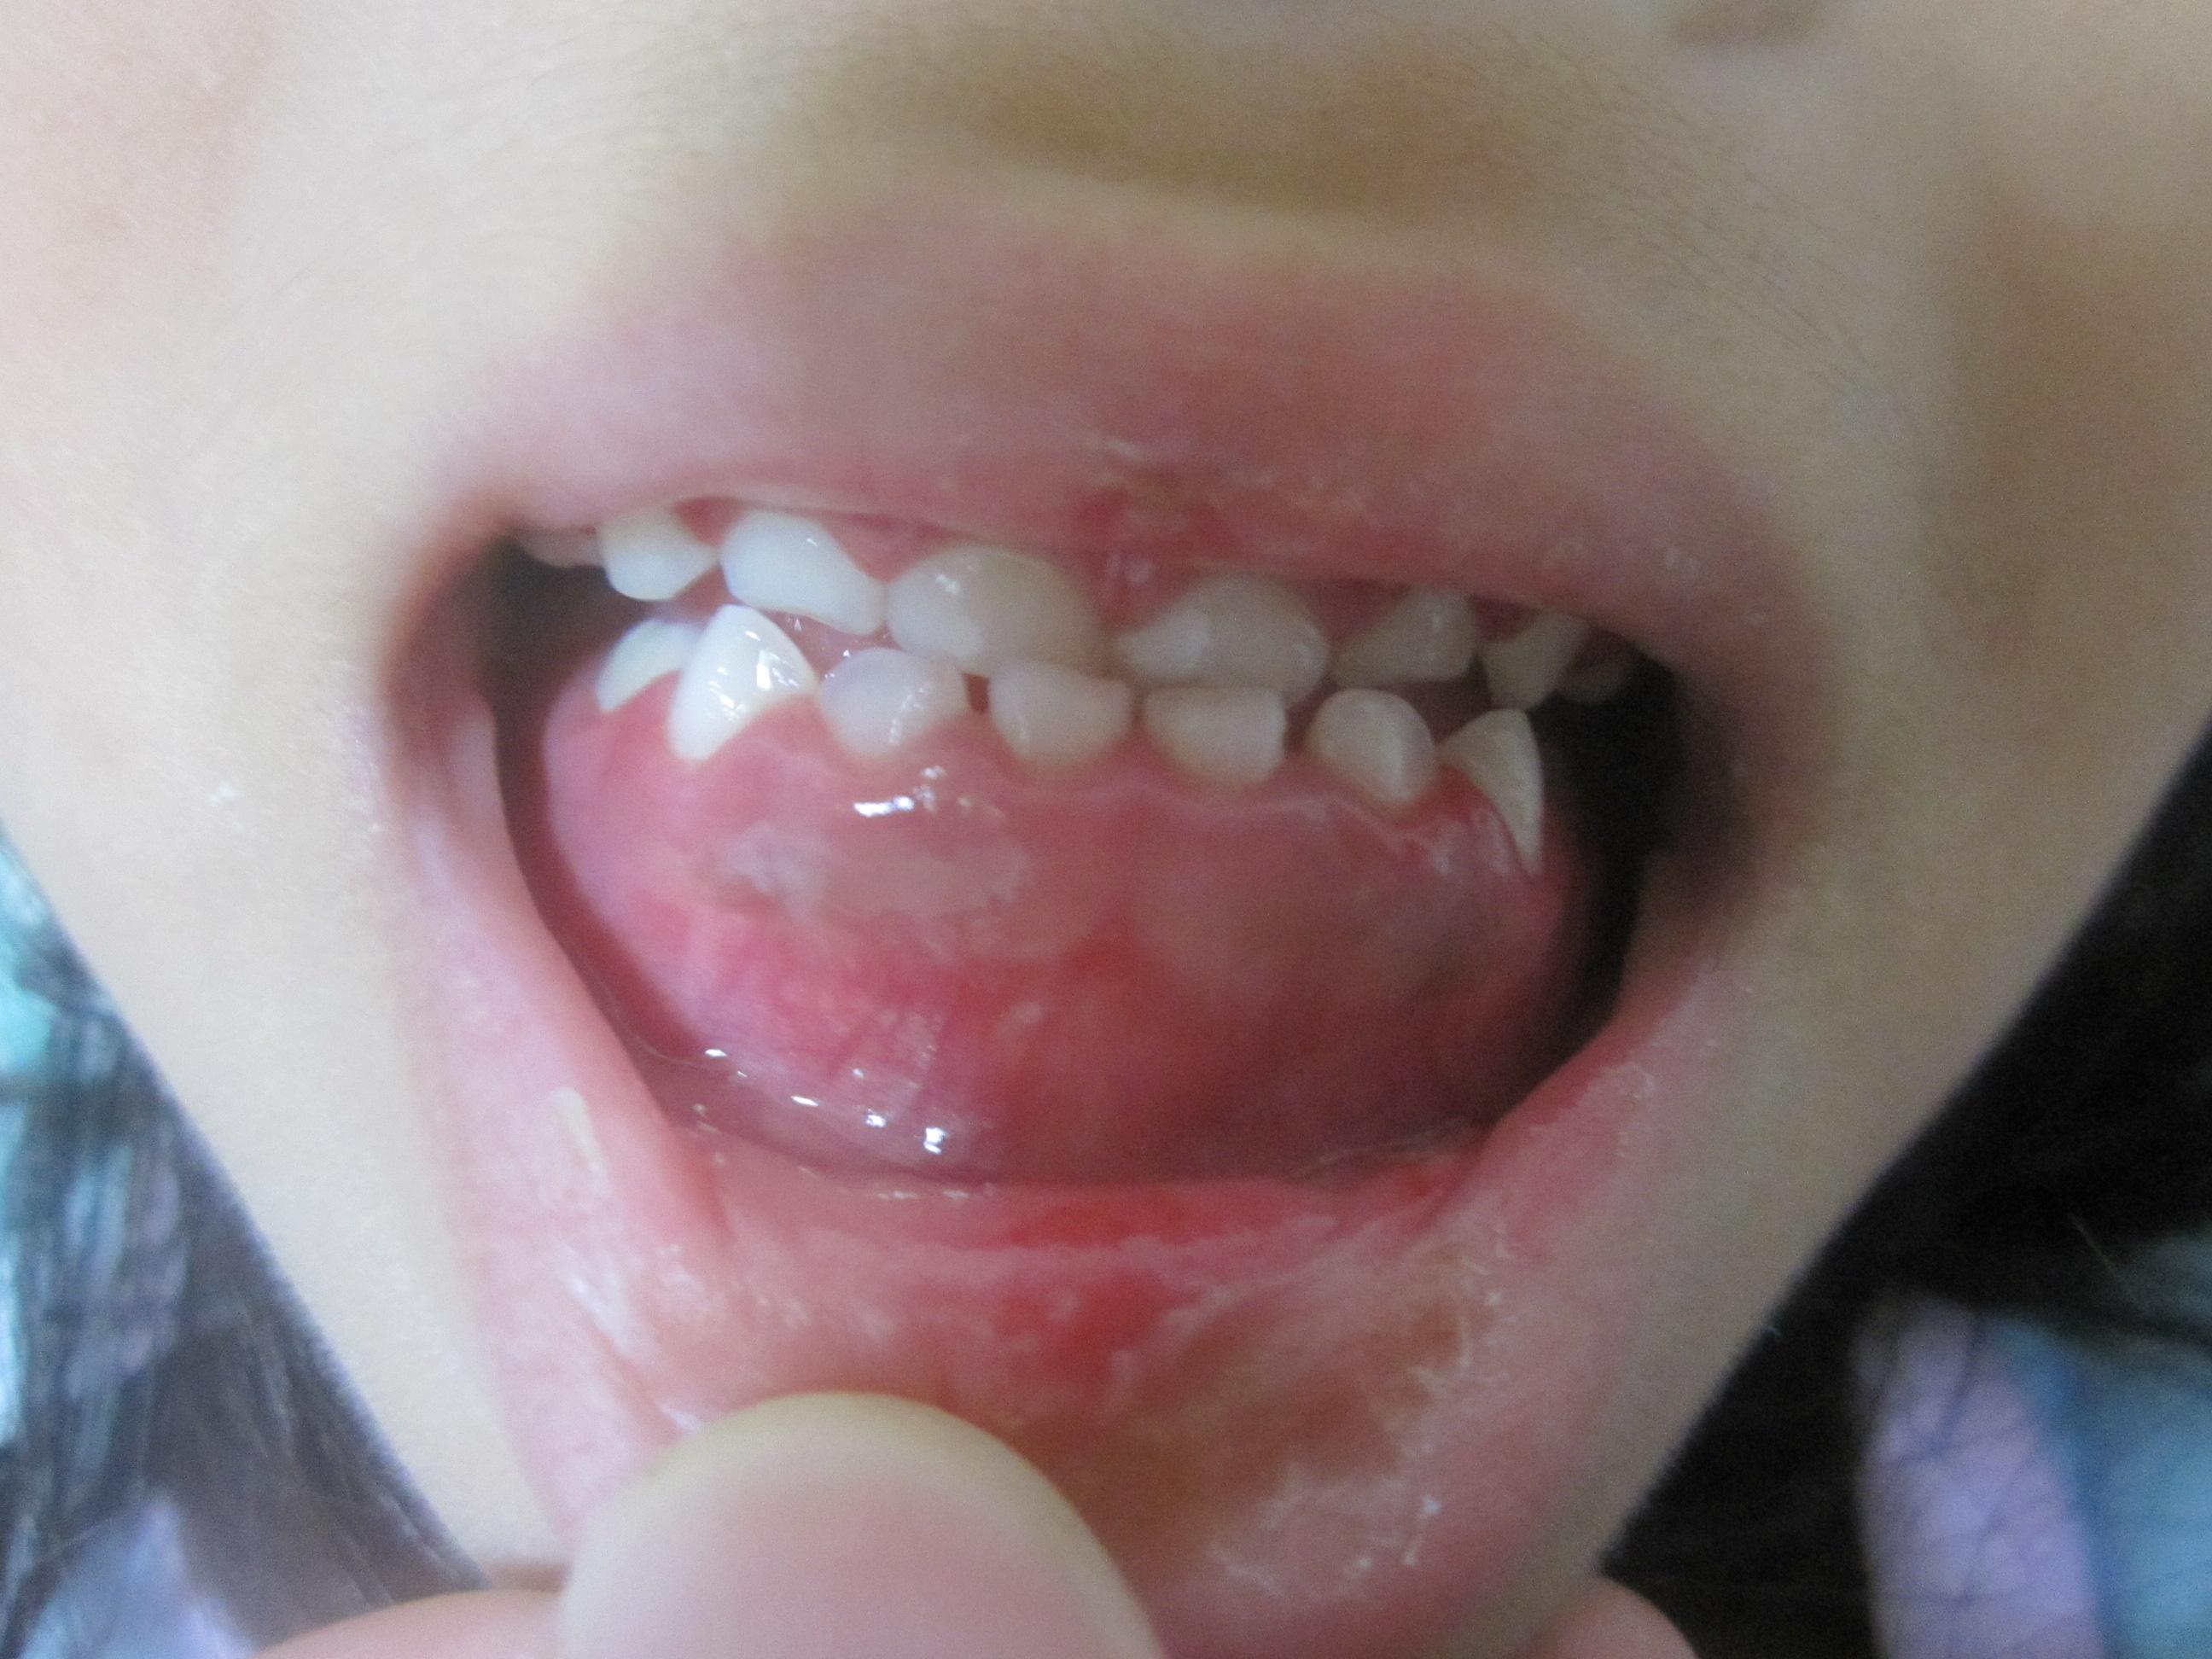 ヘルペス性歯肉口内炎 子供 画像